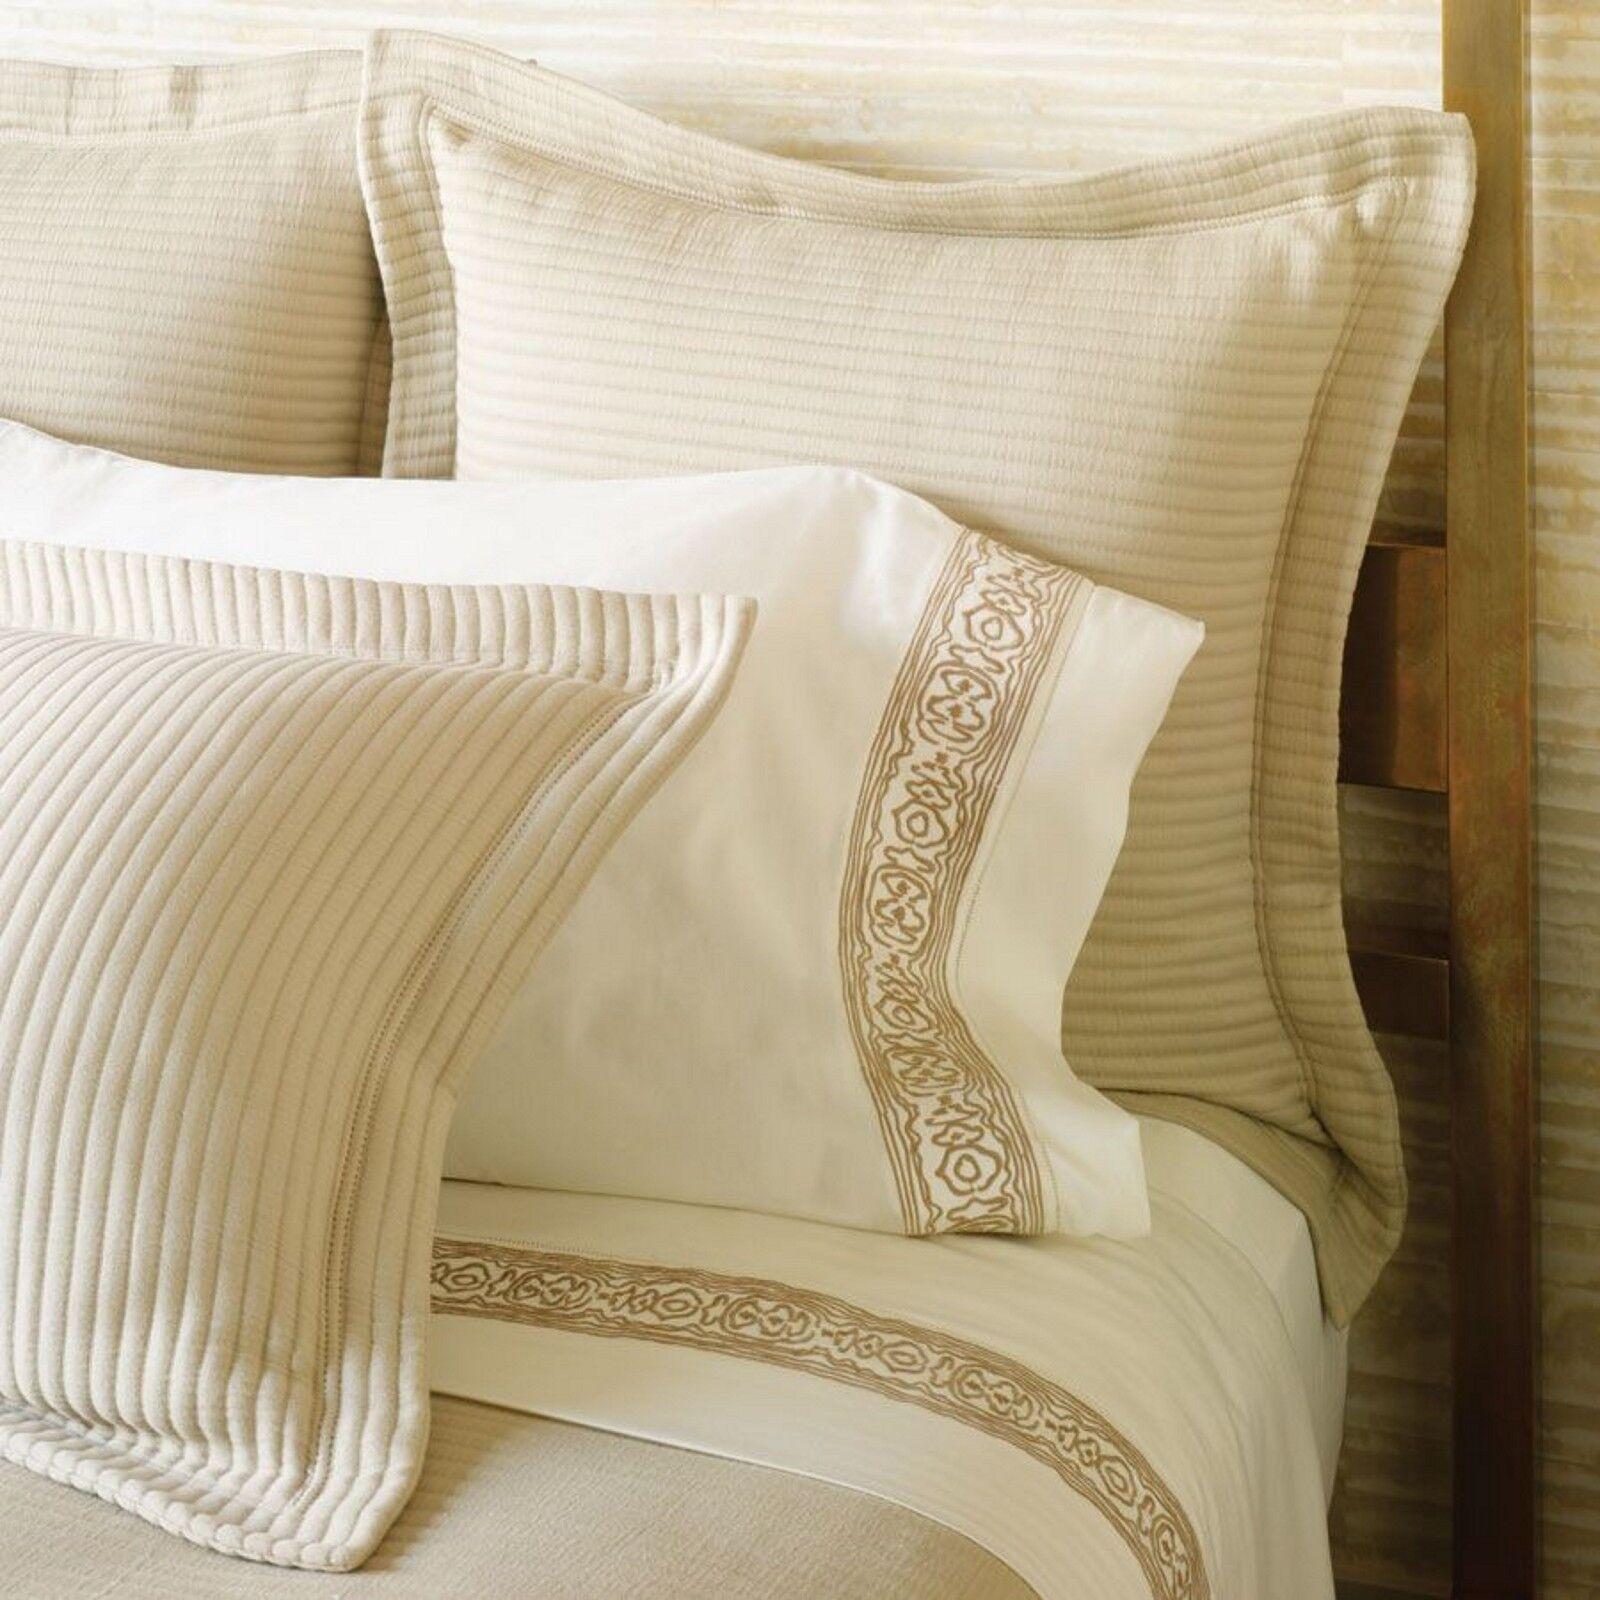 Sferra Channel Sand Standard Sham Ribbed Stripe Cotton Matelasse Wearstler NEW